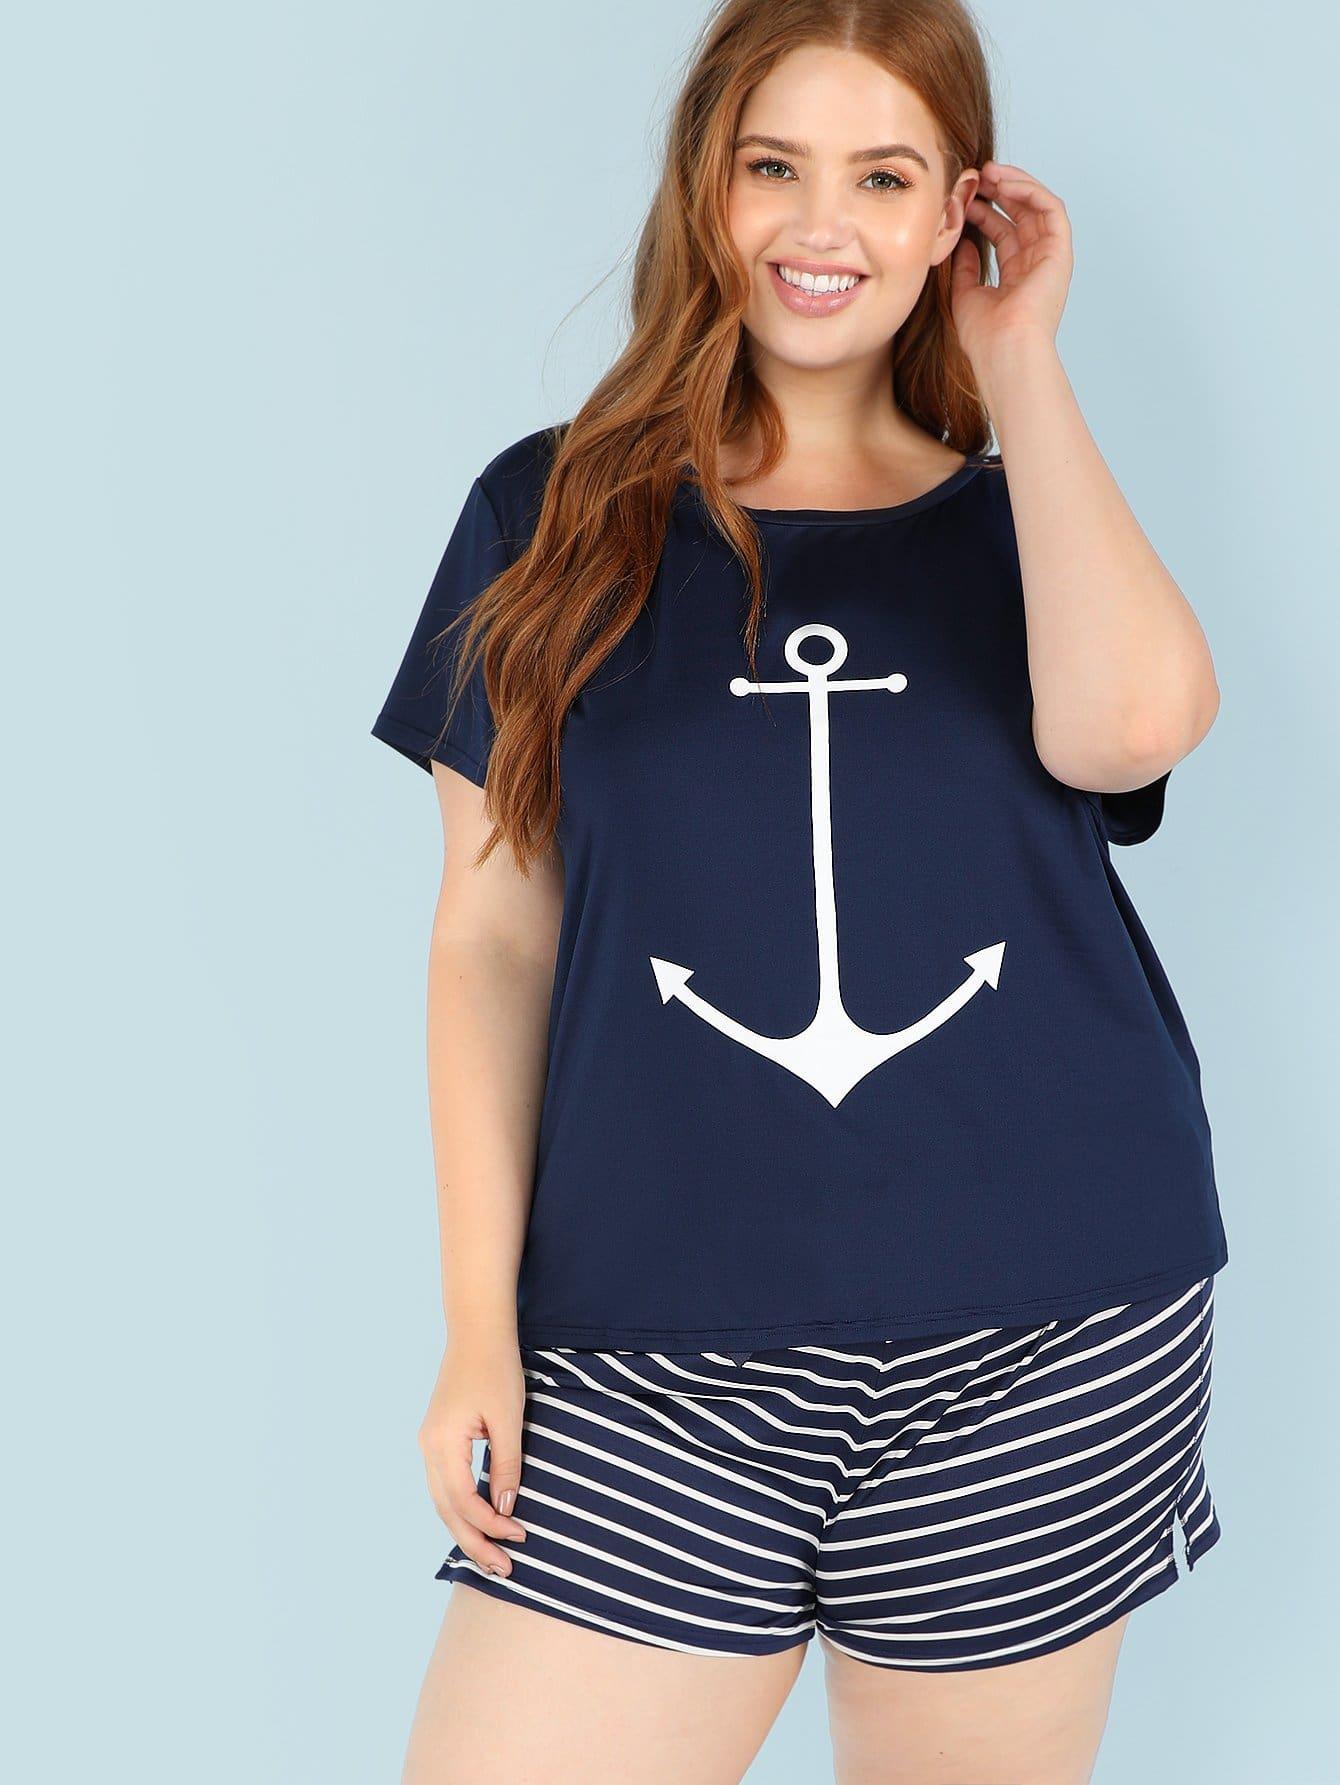 Купить Якорная печатная лента и полосатые шорты Комплект для пижамы, Bree Kish, SheIn